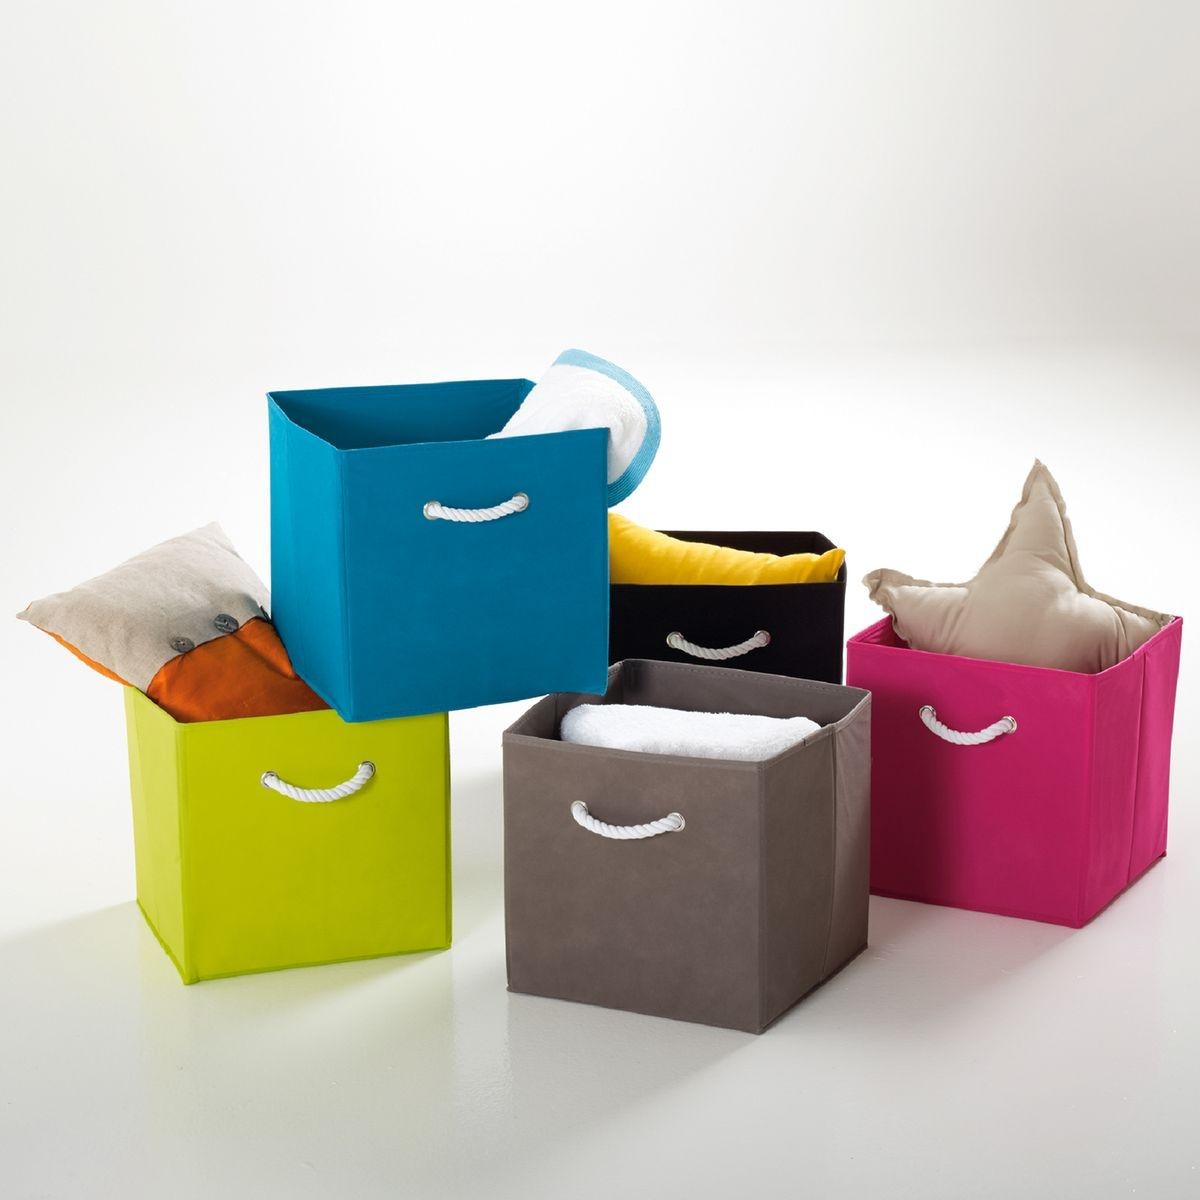 sac et bac jouets rangements d coration dans assistant de naissance. Black Bedroom Furniture Sets. Home Design Ideas